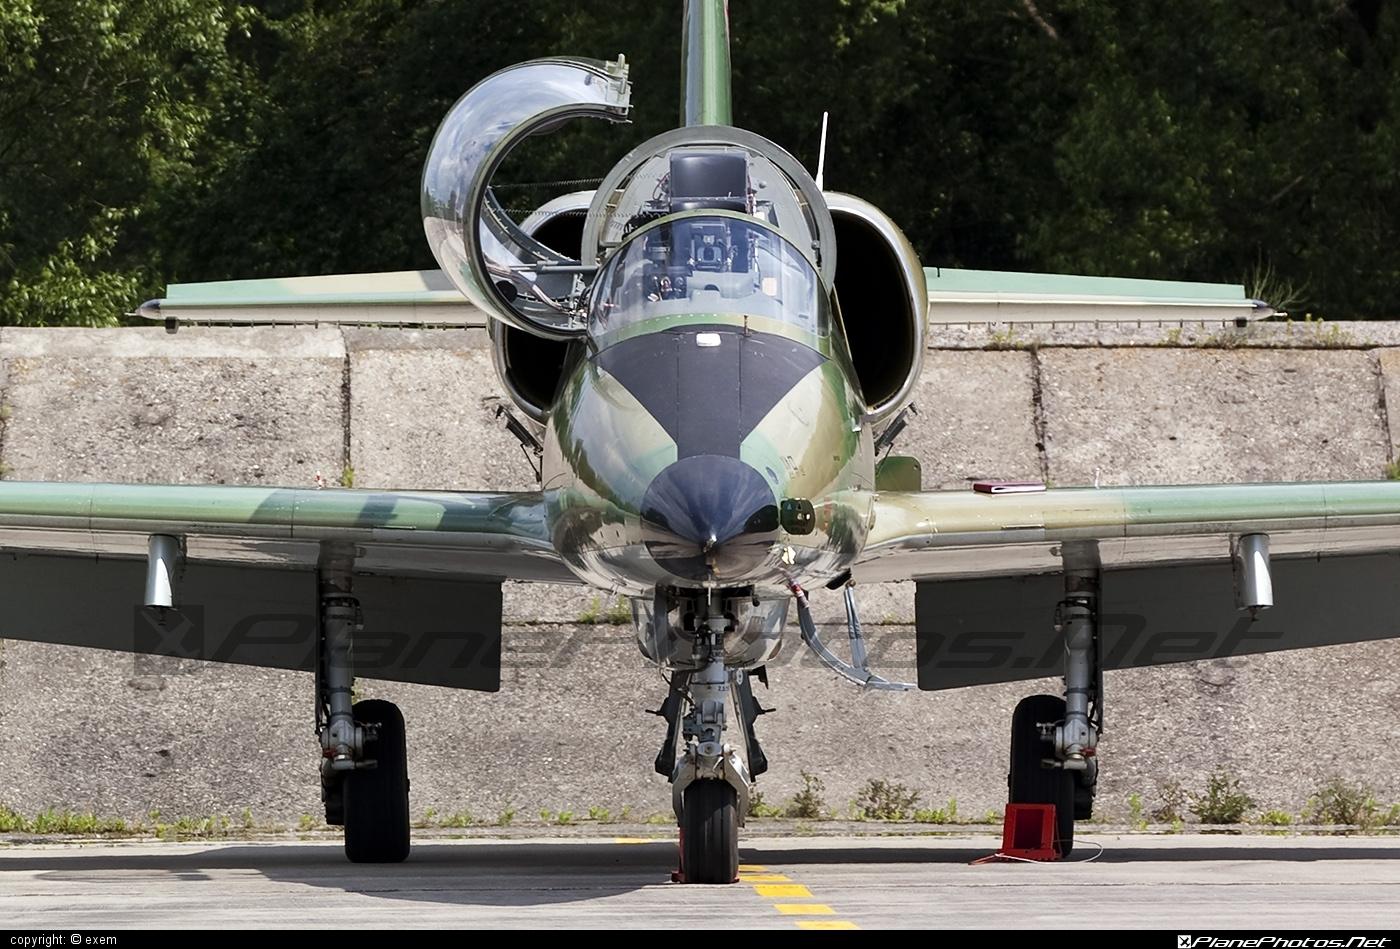 Vzdušné sily OS SR (Slovak Air Force) Aero L-39ZA Albatros - 1730 #aero #aerol39 #aerol39albatros #aerol39zaalbatros #albatros #l39 #l39za #l39zaalbatros #slovakairforce #vzdusnesilyossr